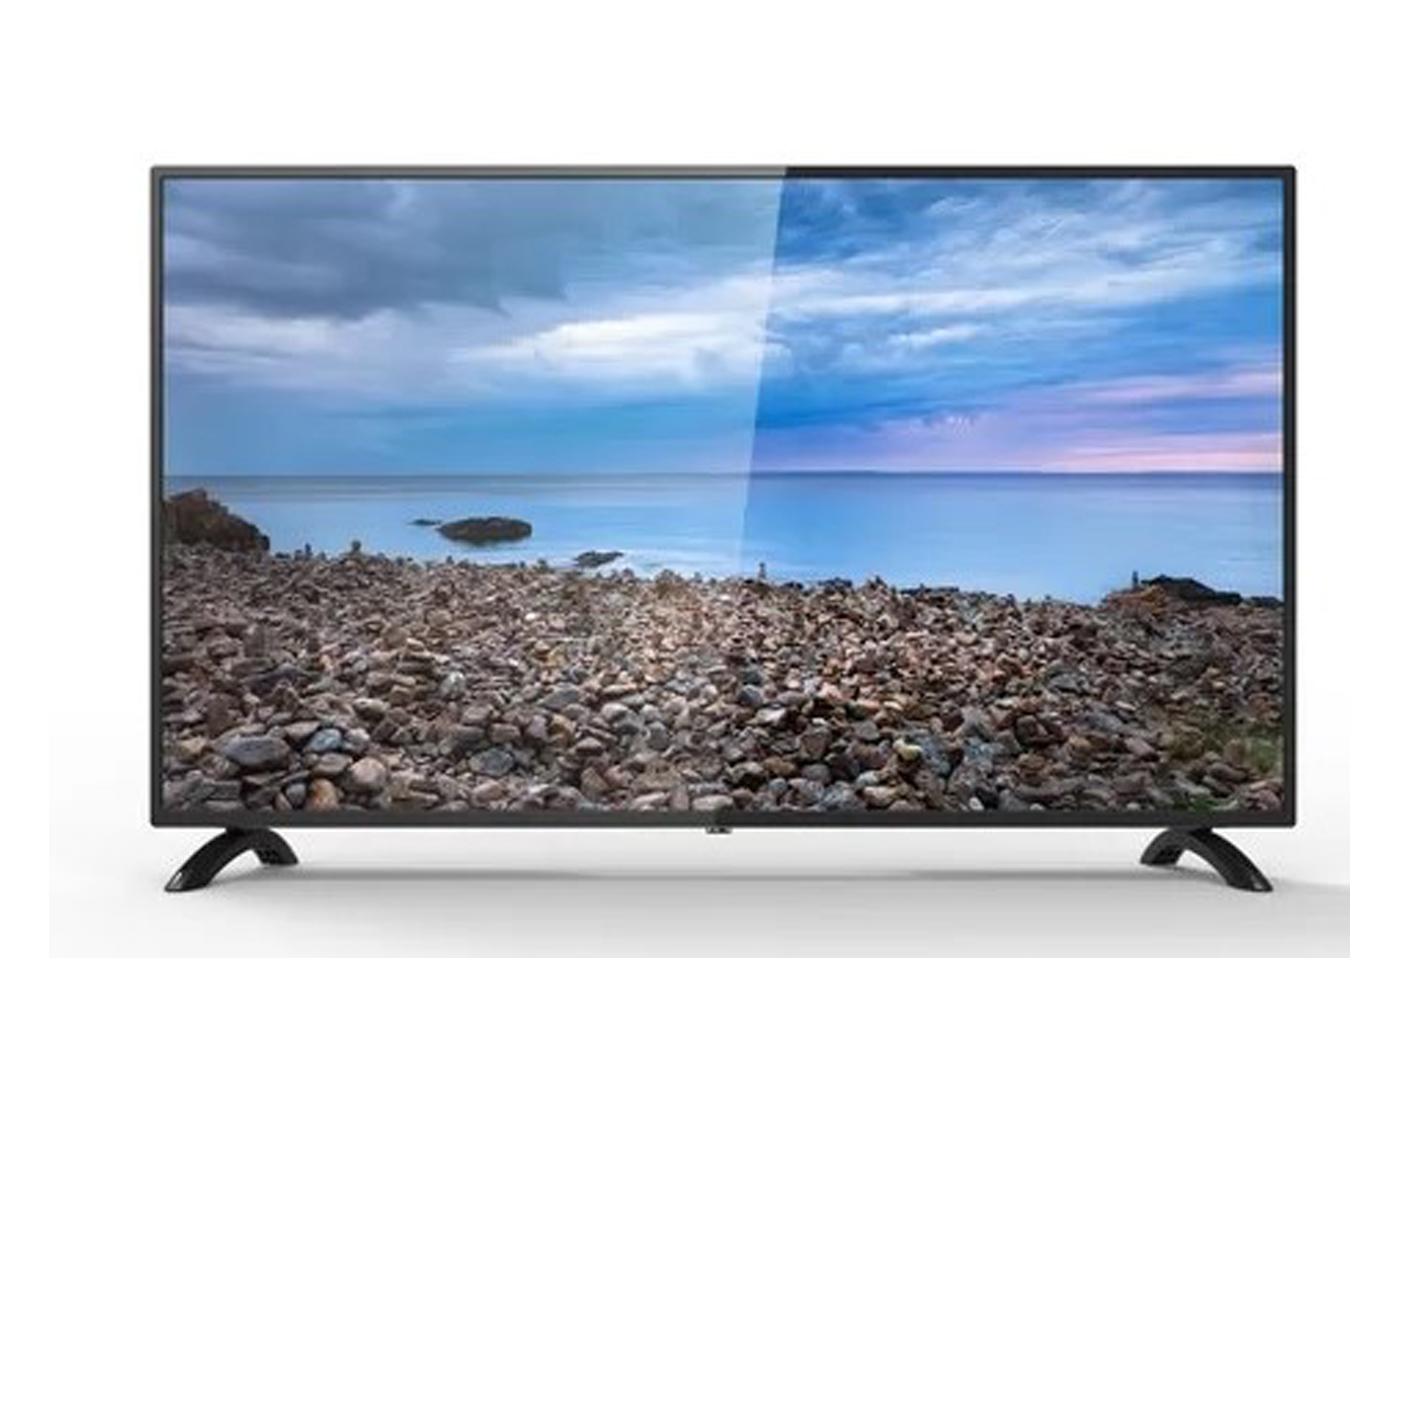 Profilo 39PA200E 39 İnç 99 Ekran DVBS2 HD LED TV